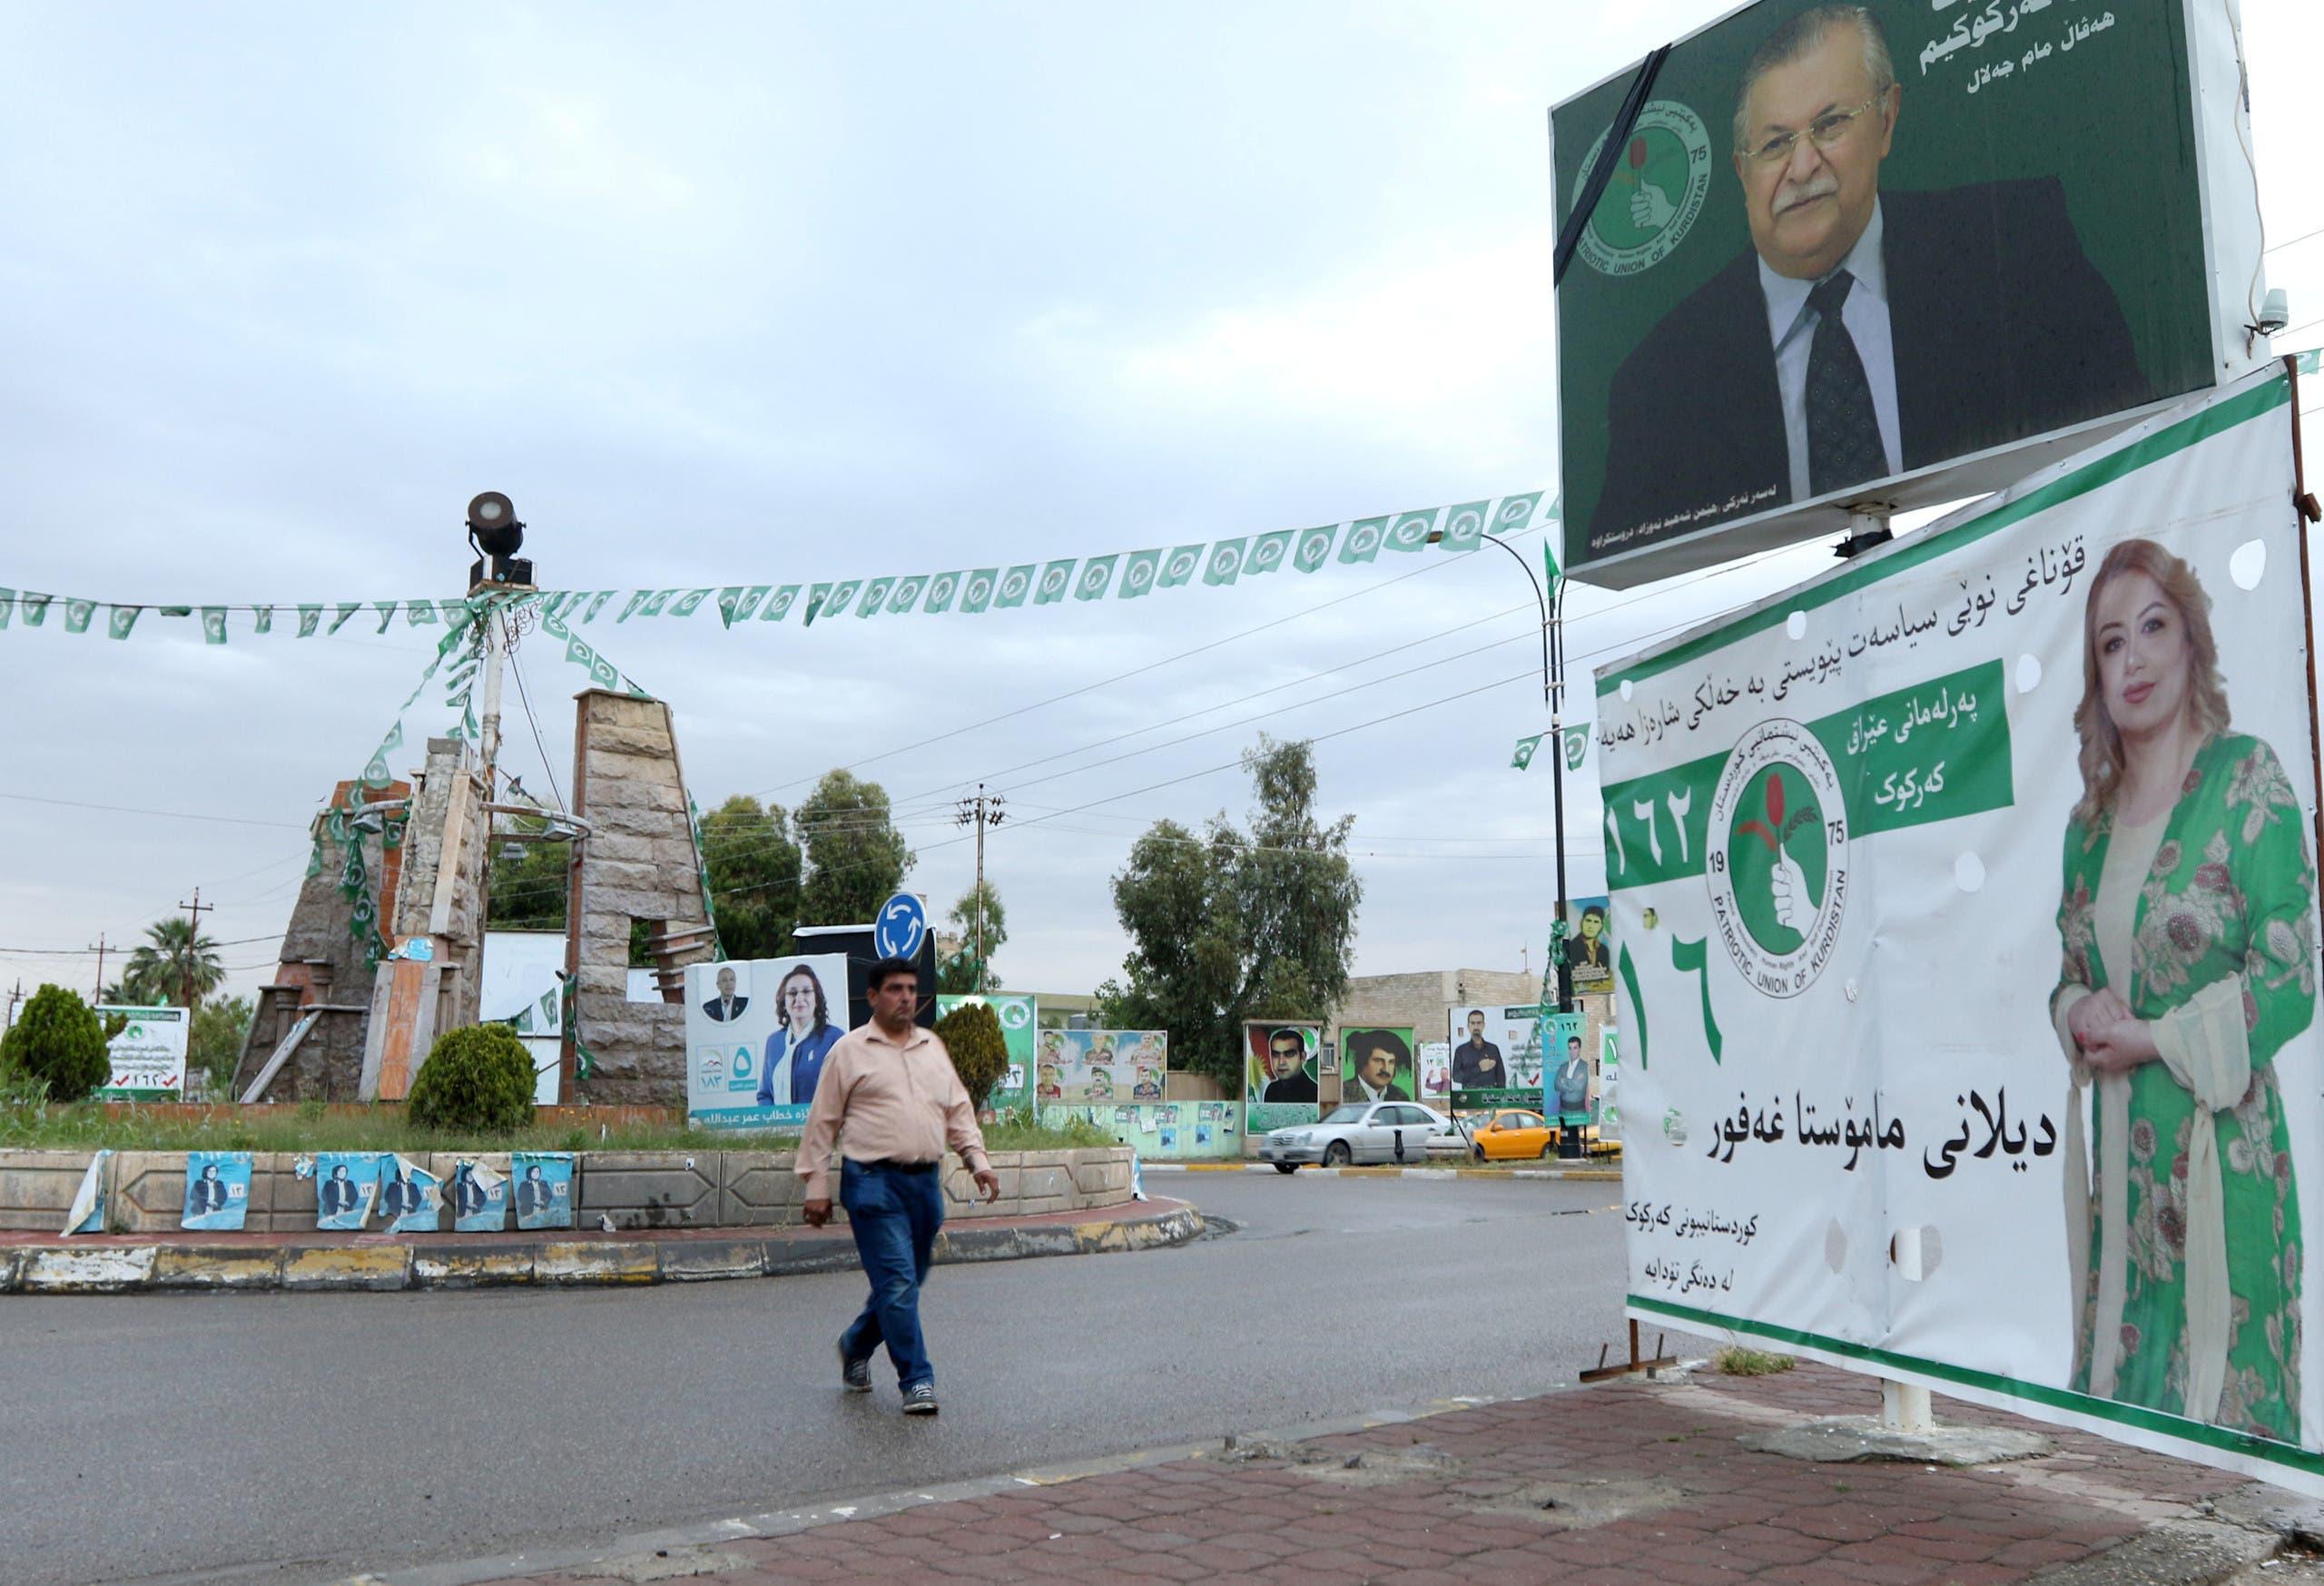 ملصقات انتخابية في كركوك